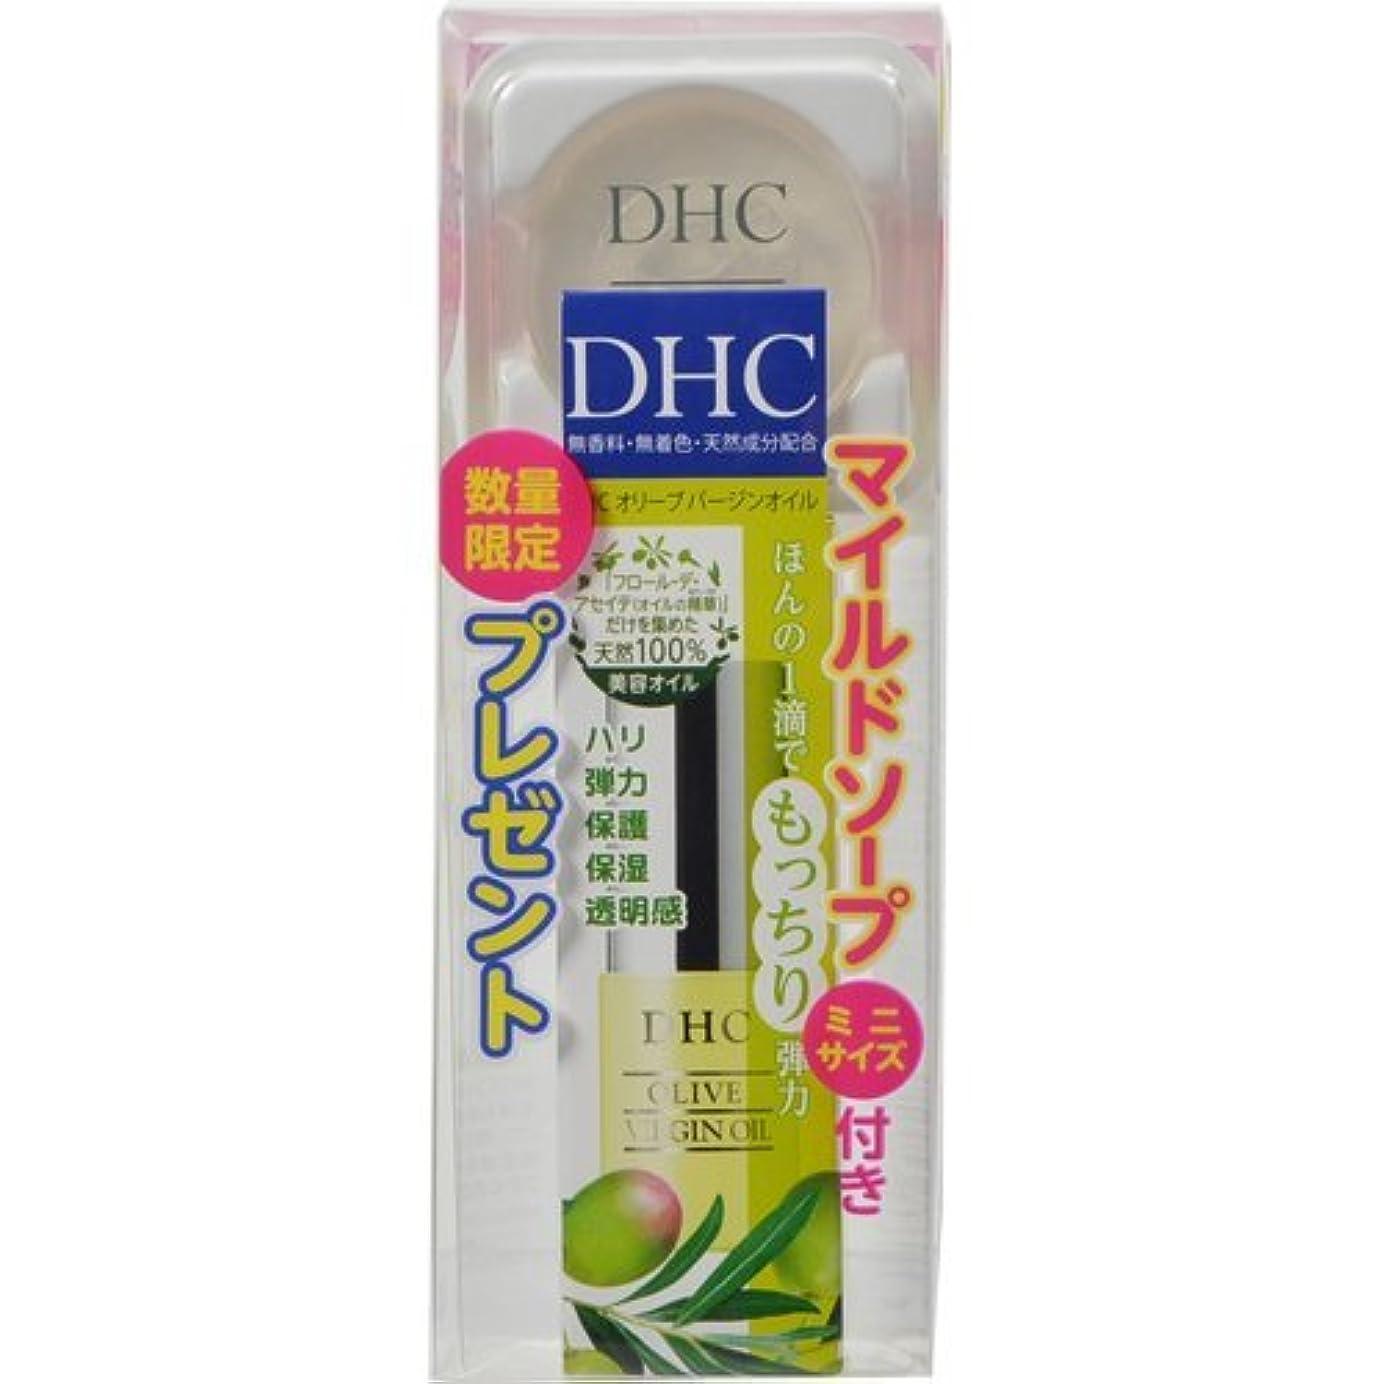 帝国主義手荷物飲料【数量限定】DHC オリーブバージンオイル SS マイルドソープミニサイズ付き 7ml+マイルドソープ10g